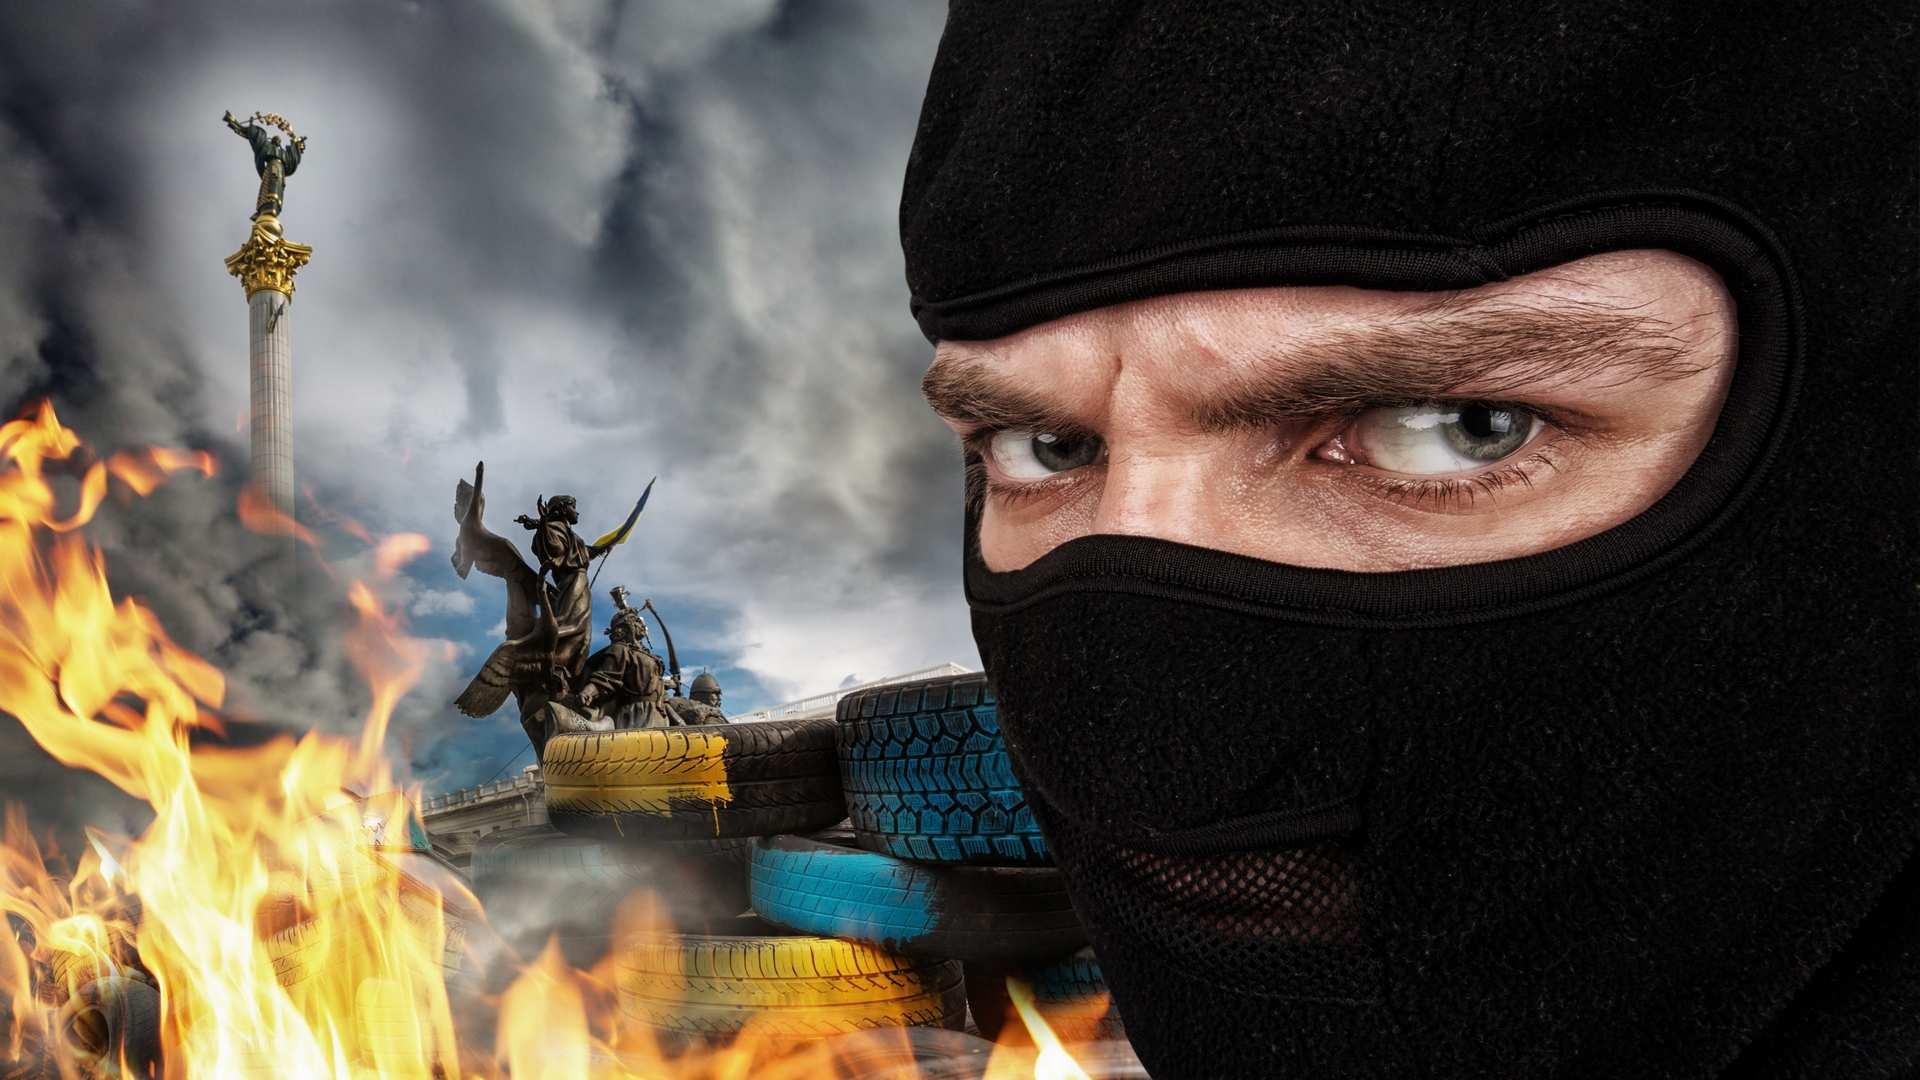 Злобные украинские нацисты: во Франции выпустили комиксы про Майдан в Киеве (ФОТО) | Русская весна